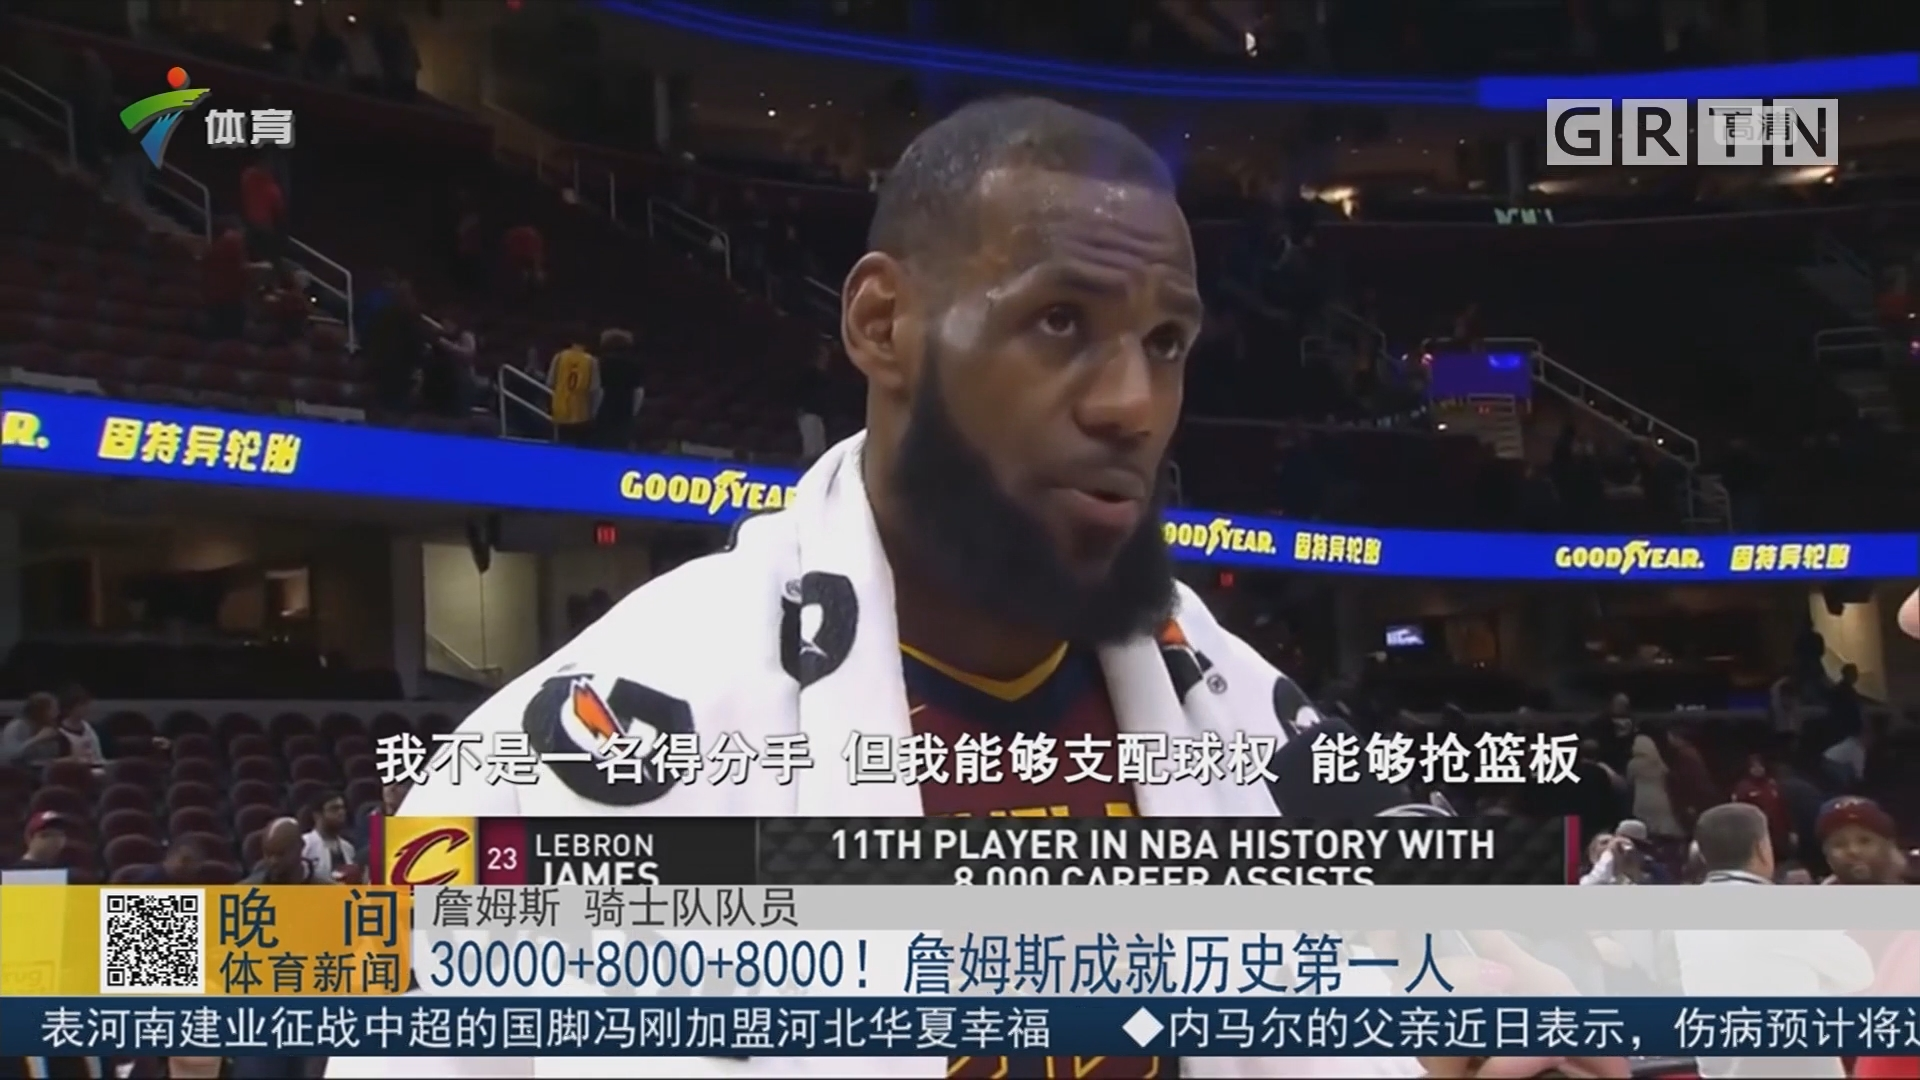 30000+8000+8000!詹姆斯成就历史第一人